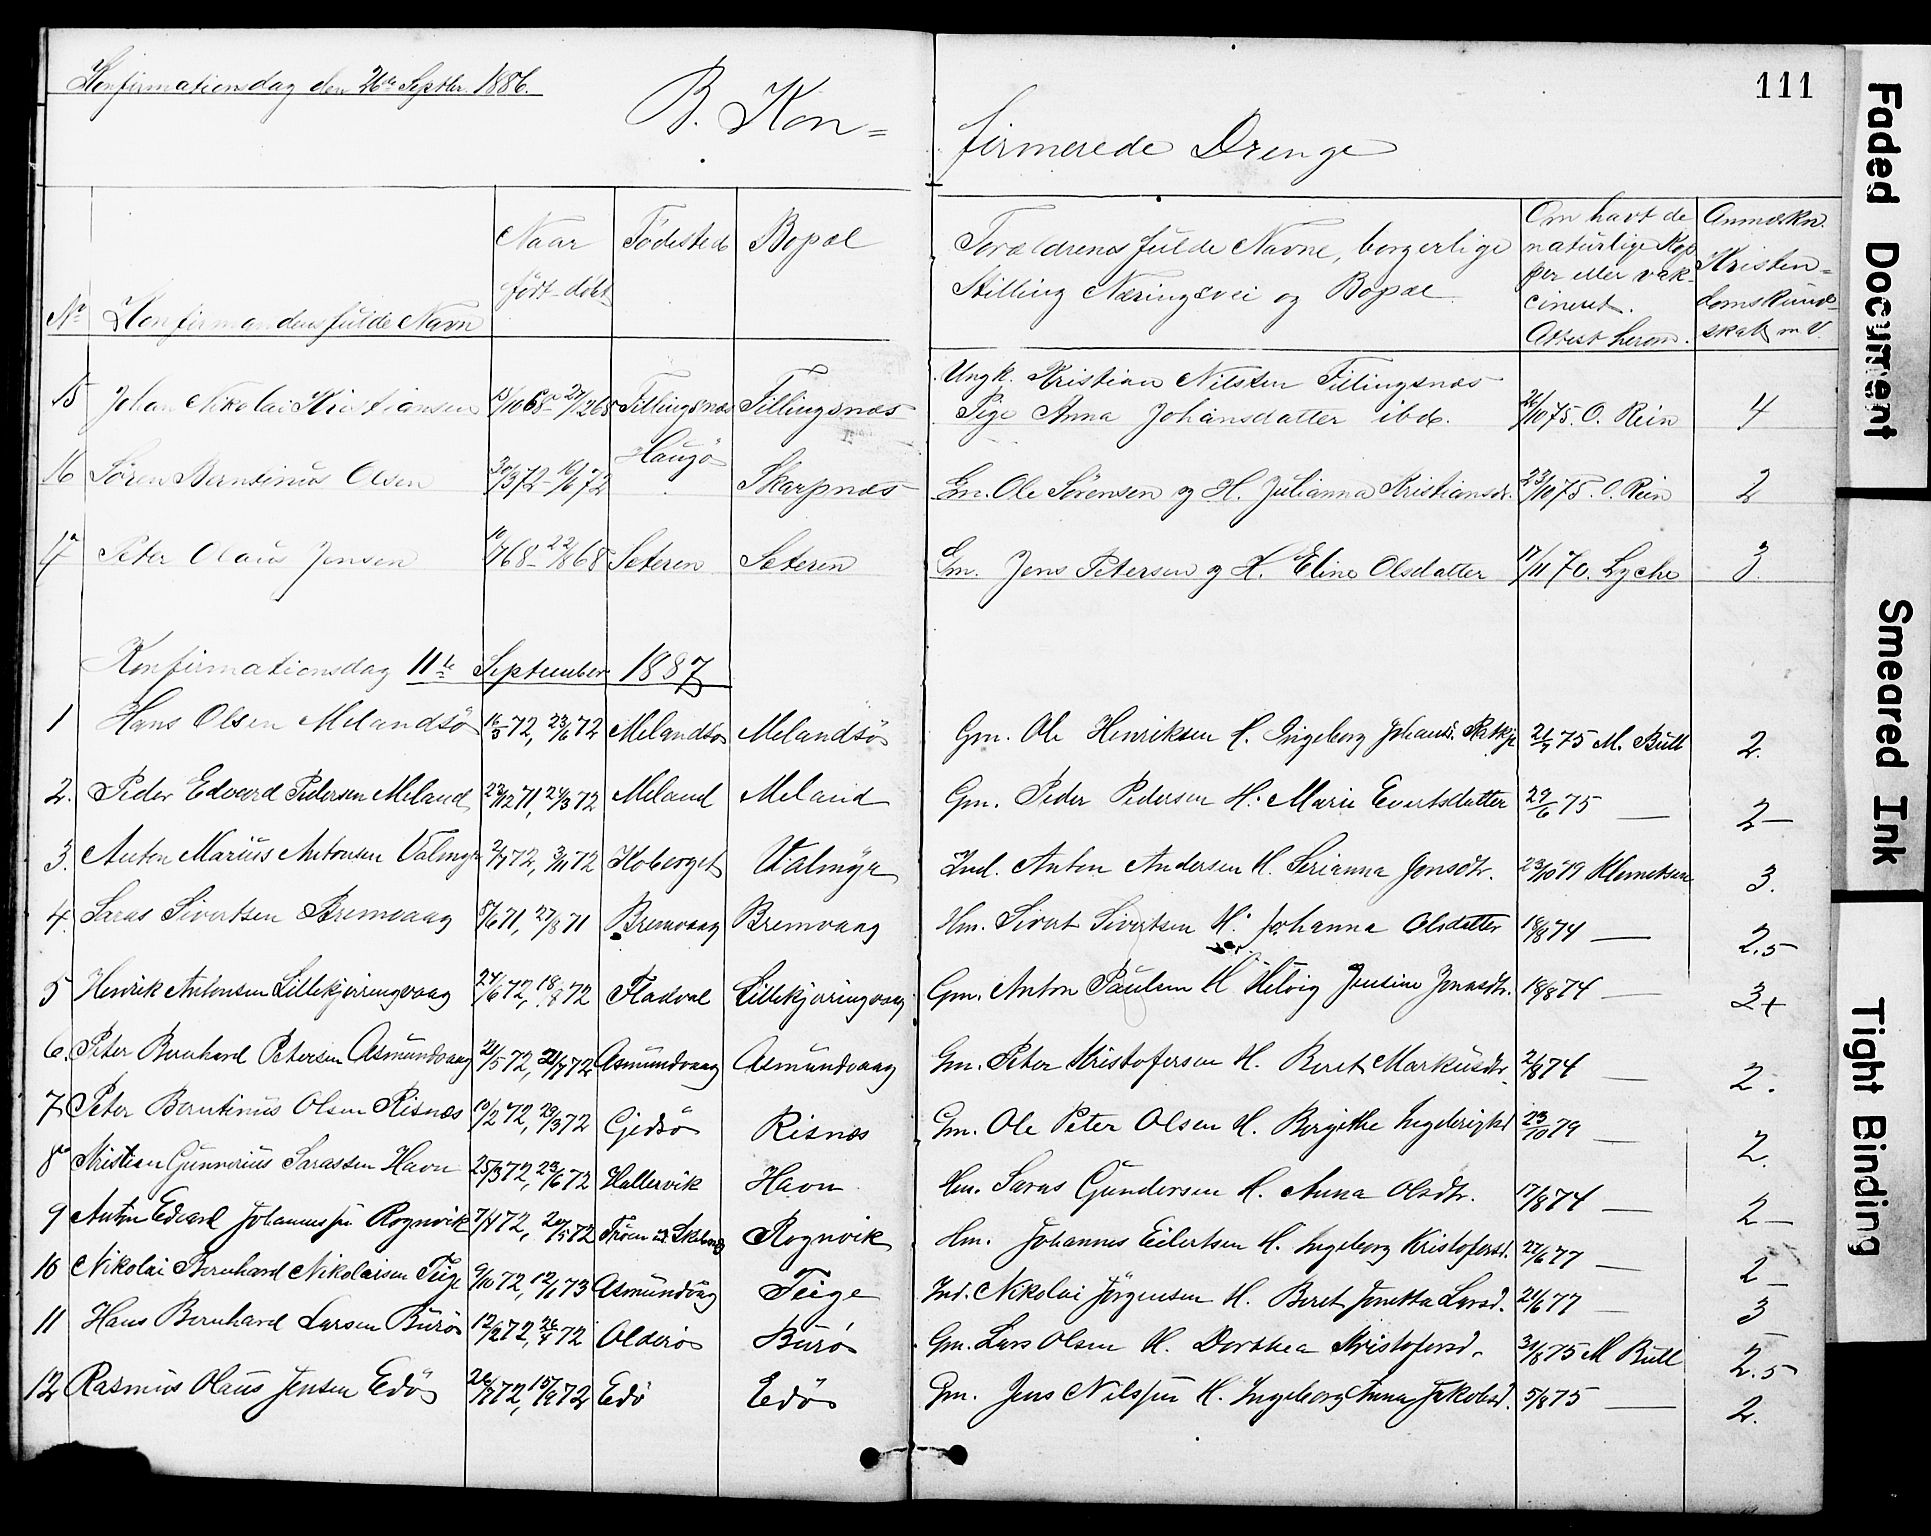 SAT, Ministerialprotokoller, klokkerbøker og fødselsregistre - Sør-Trøndelag, 634/L0541: Klokkerbok nr. 634C03, 1874-1891, s. 111